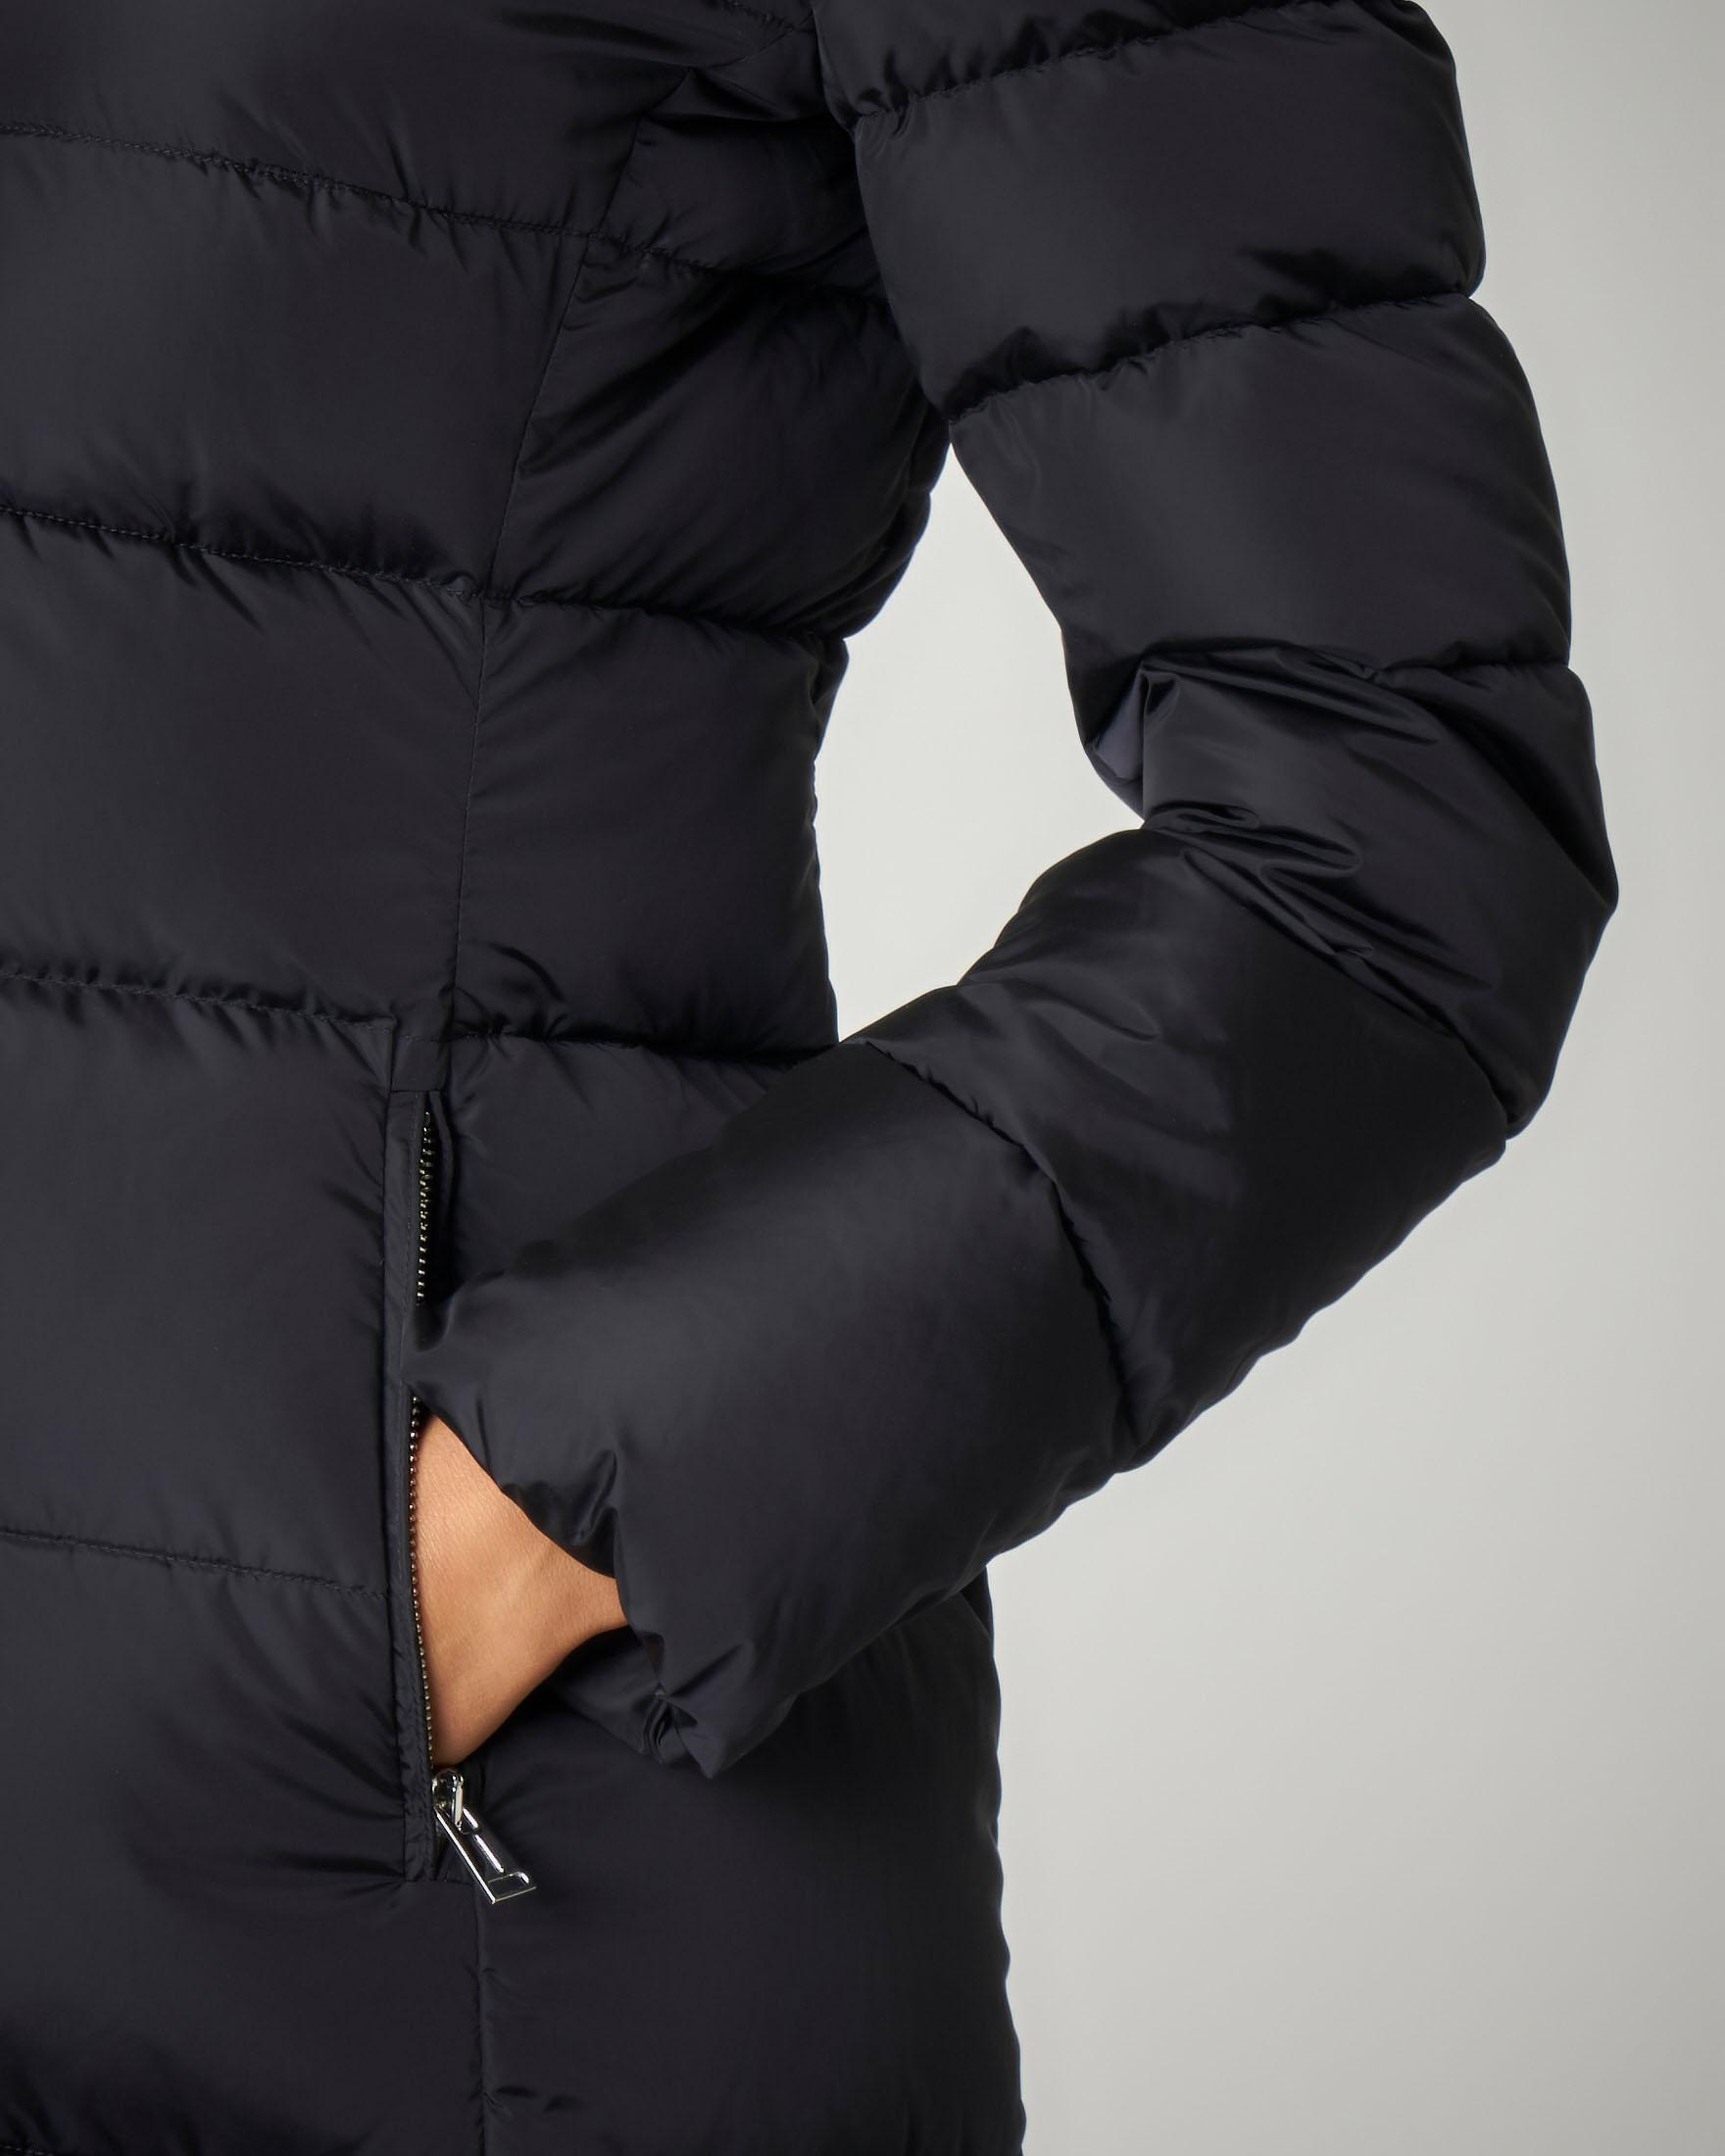 Piumino nero sfiancato con cappuccio rimovibile